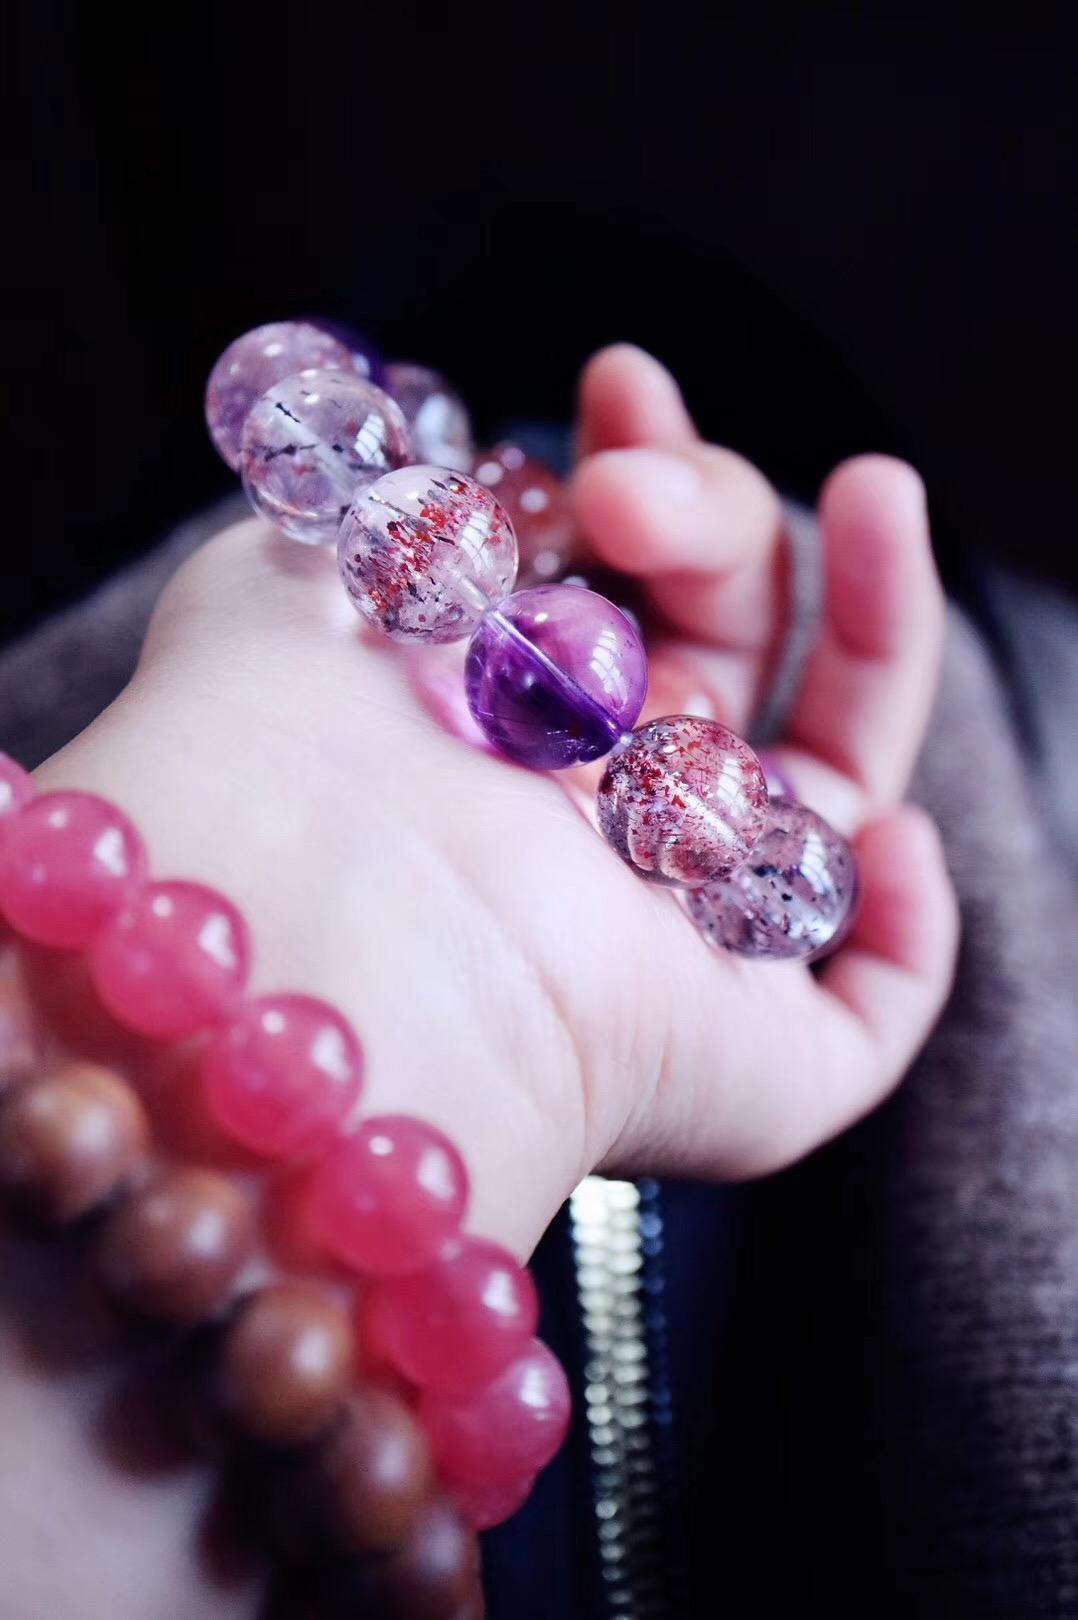 【菩心·紫发晶】你会爱上这条,每一颗,都充满魅力。-菩心晶舍